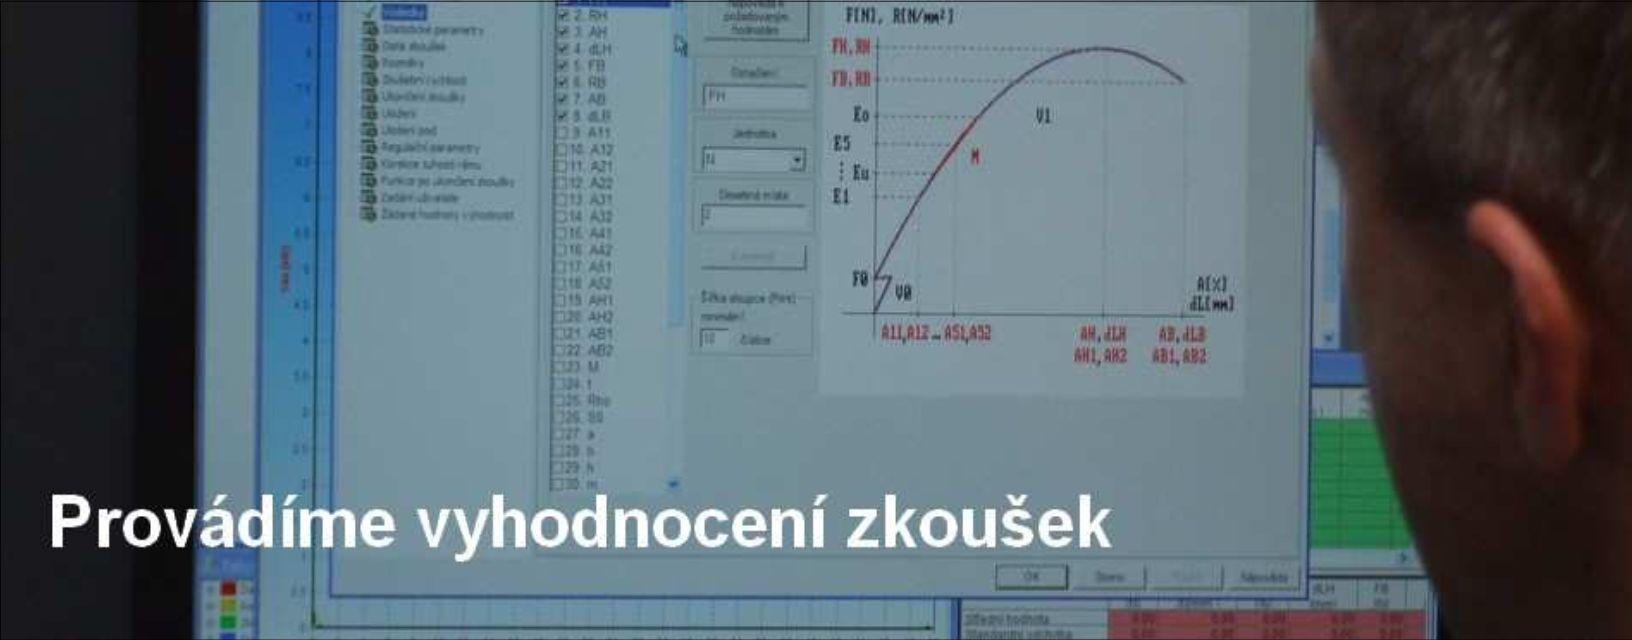 Vayhodnocení zkoušek - zkušebna Pavlínek s.r.o.